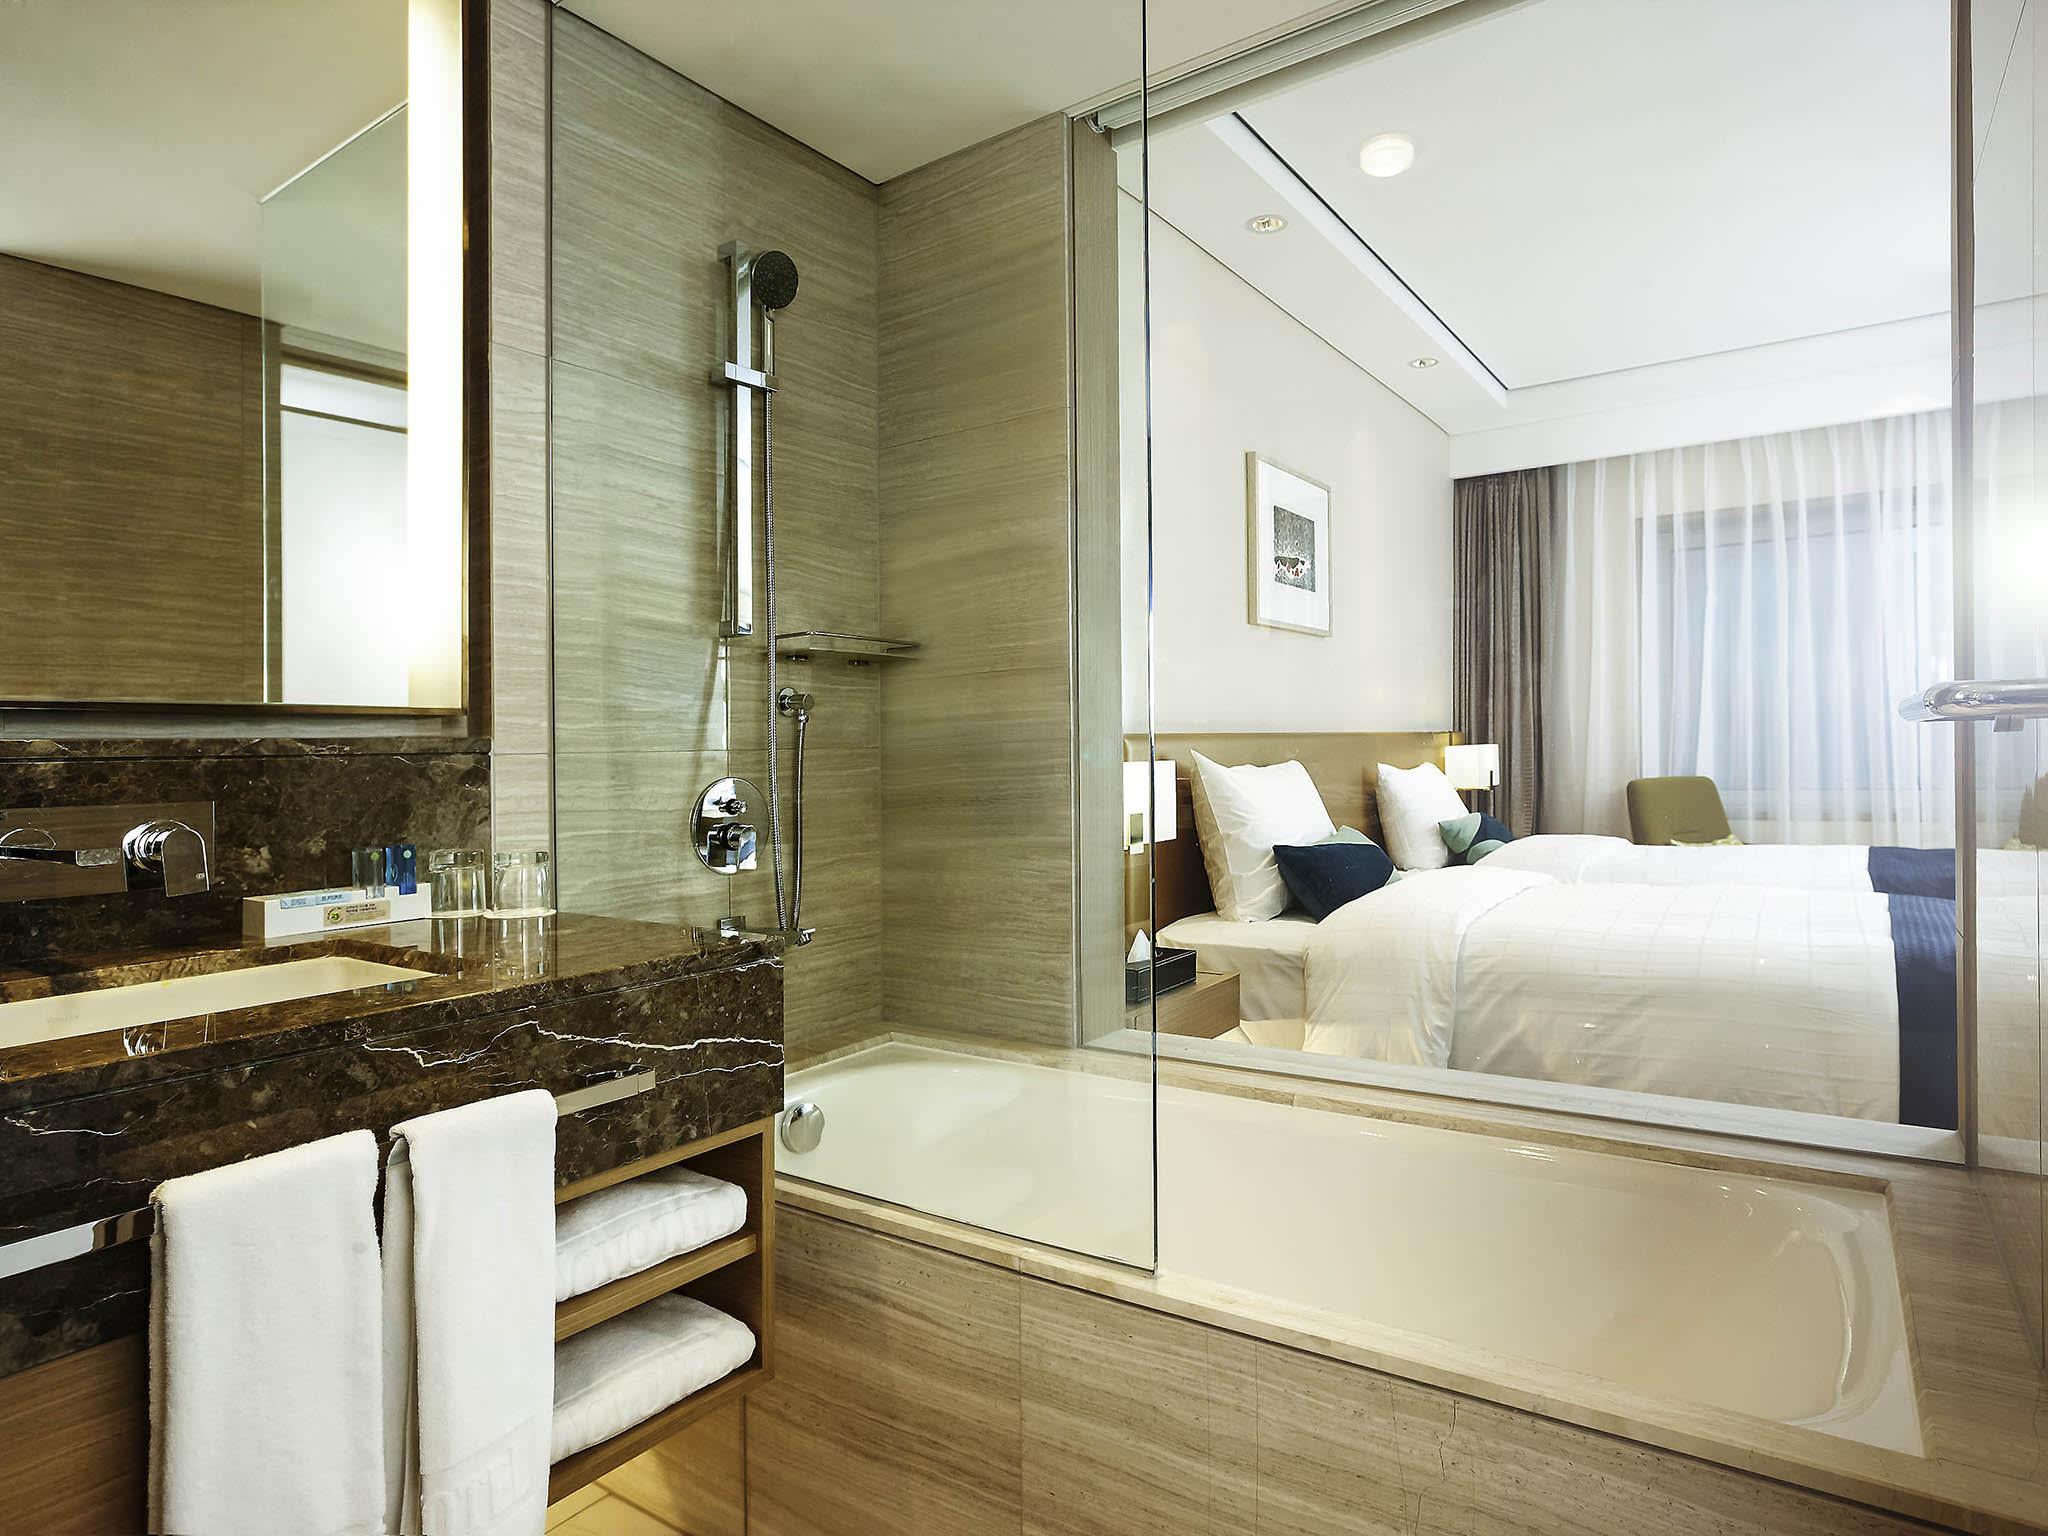 諾富特大使酒店江南店客房衛浴空間。(圖片取自諾富特大使酒店江南店官網)